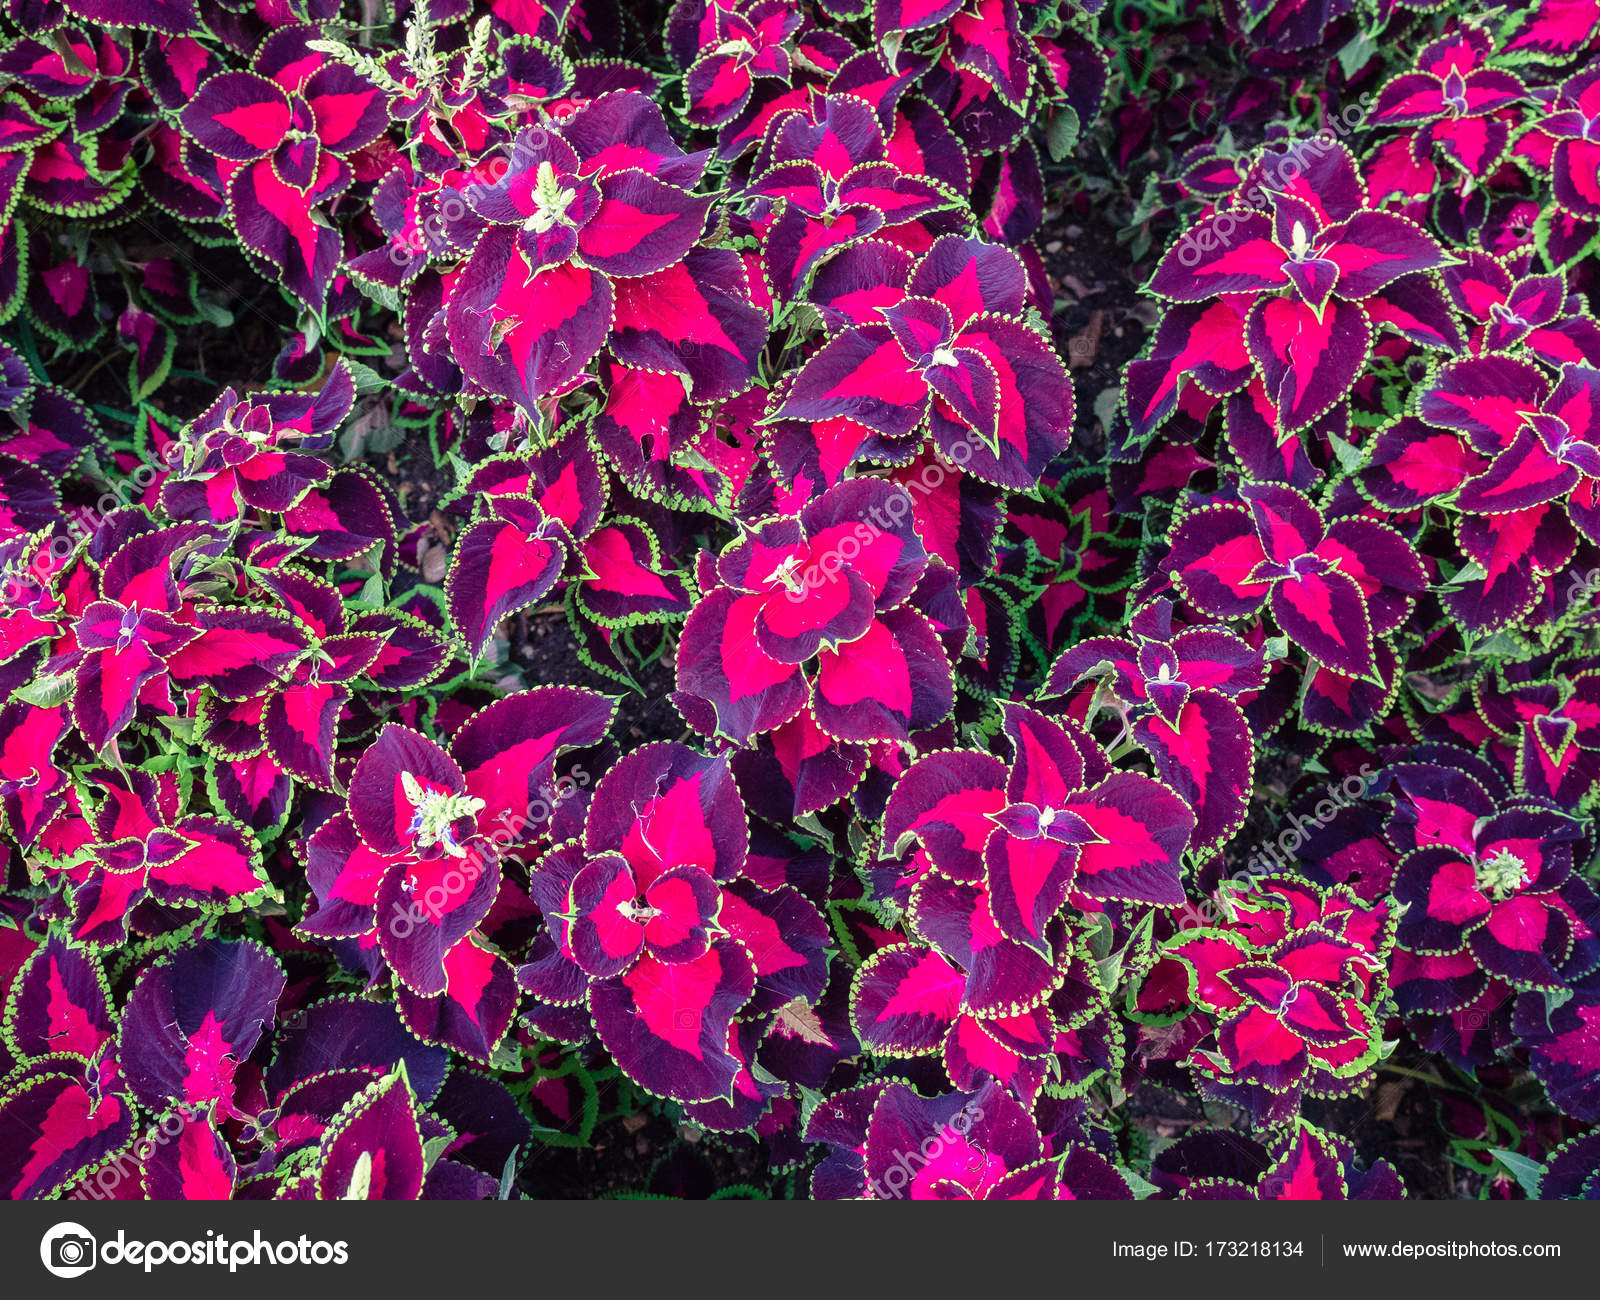 Coleus blumei fondo de plantas ornamentales fotos de for 6 plantas ornamentales